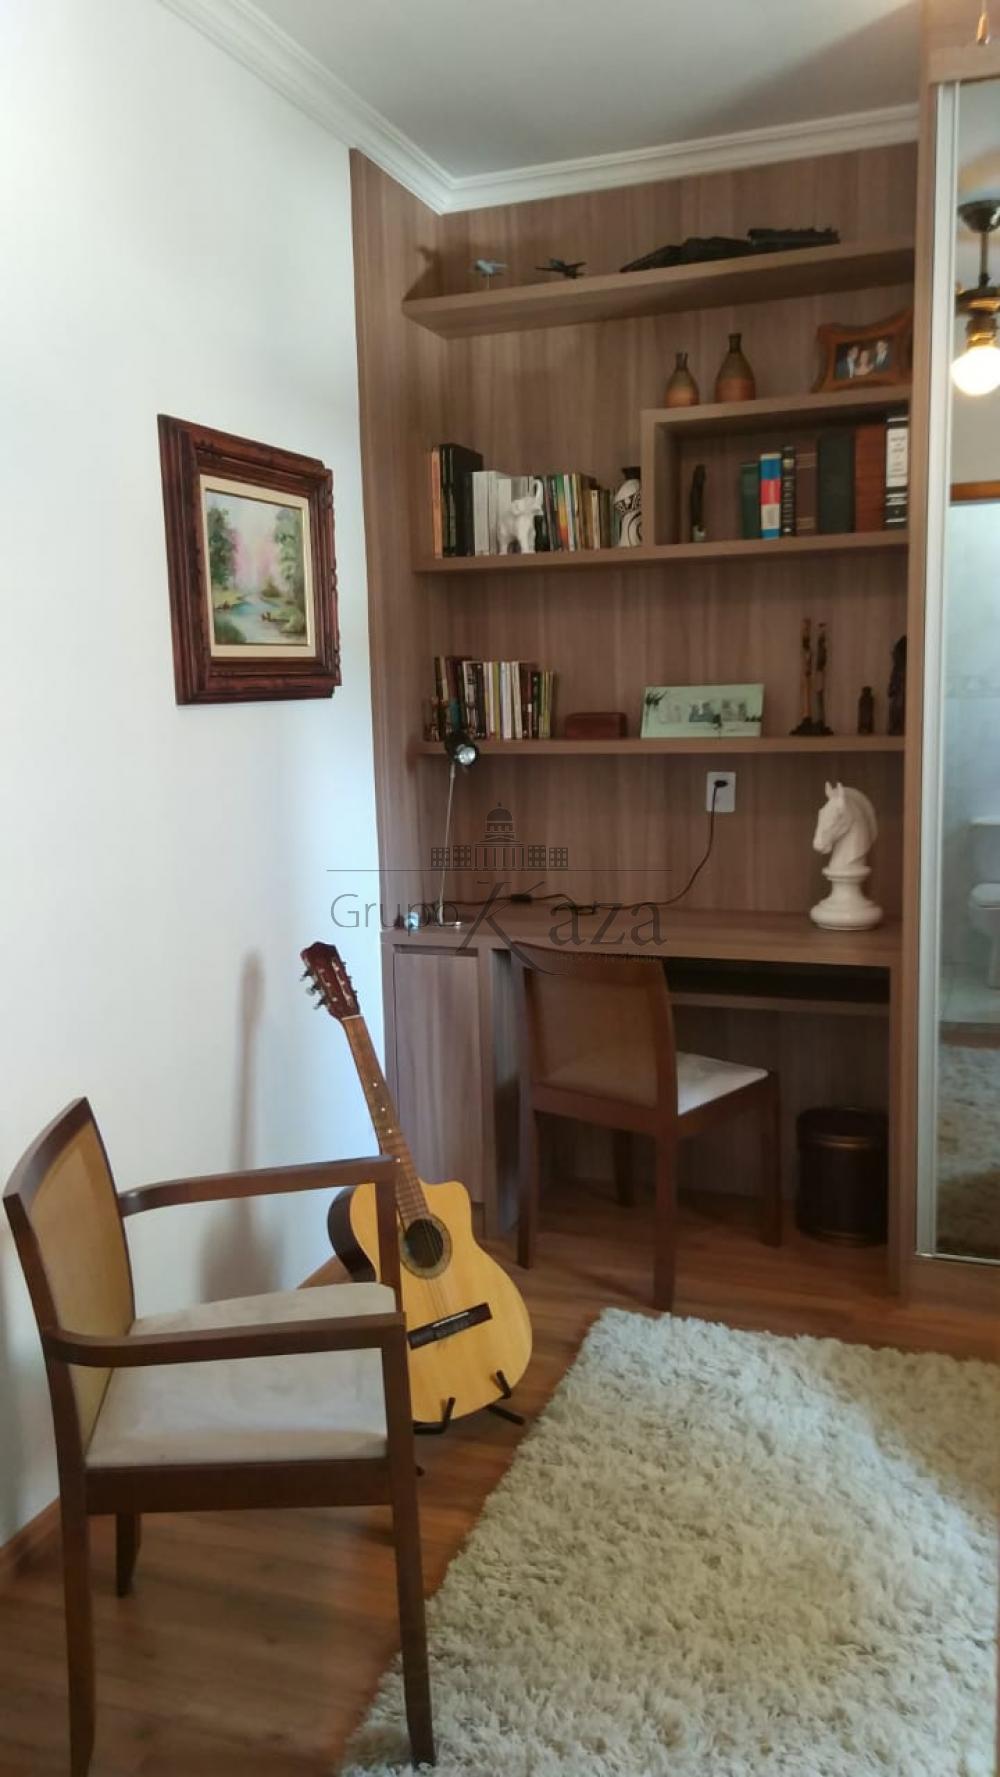 Comprar Apartamento / Padrão em São José dos Campos apenas R$ 1.500.000,00 - Foto 17